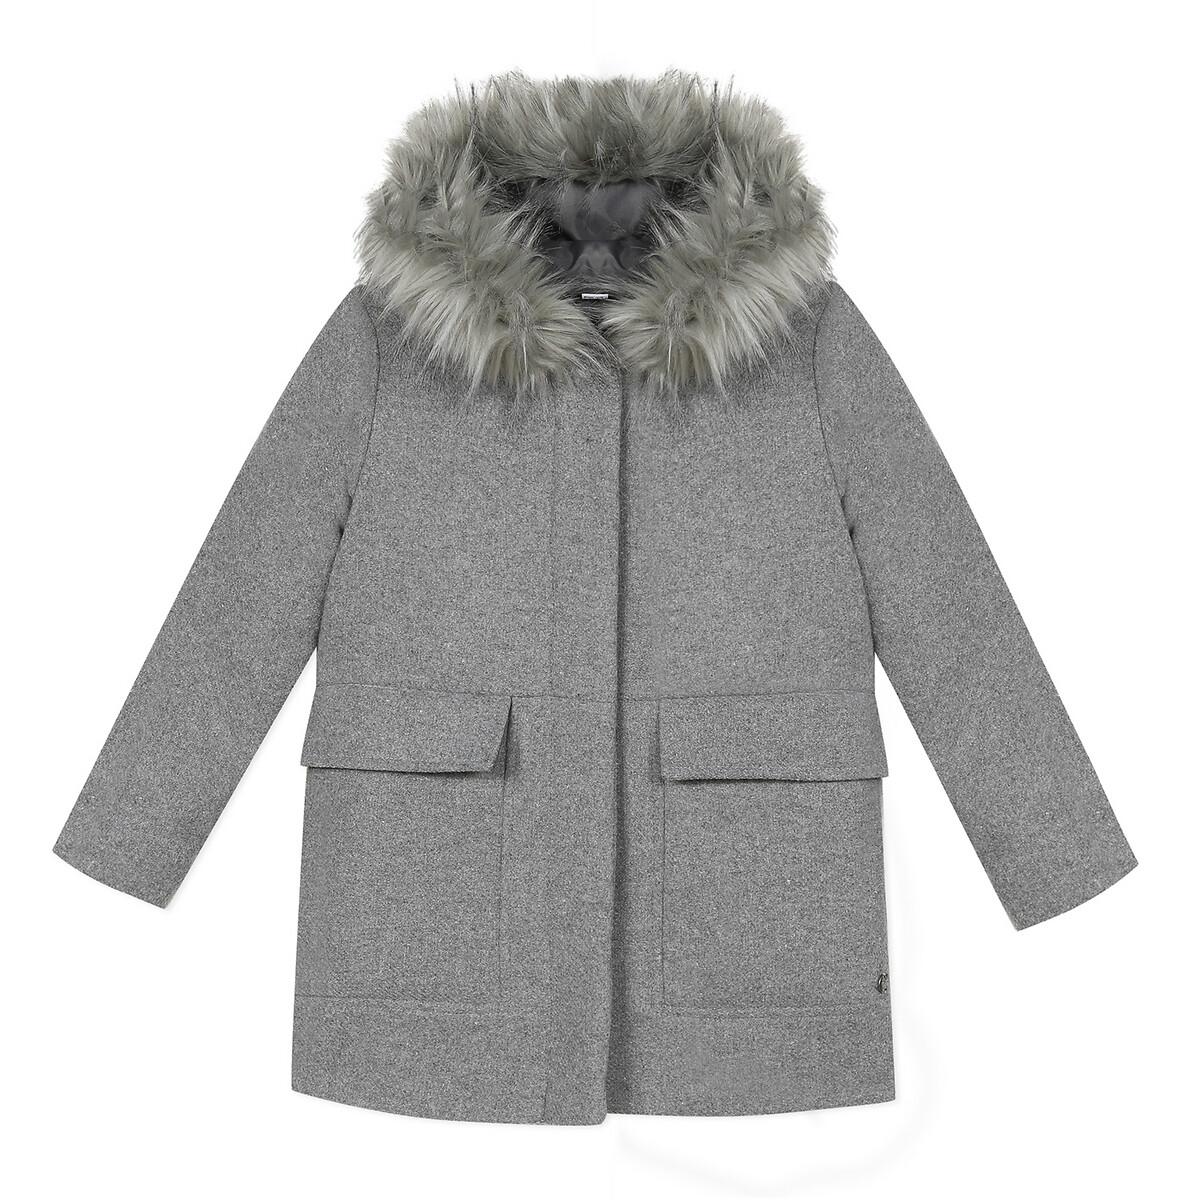 Пальто La Redoute С капюшоном 3-14 лет 9/10 лет - 132/138 см серый парка la redoute с капюшоном с искусственным мехом лет 10 лет 138 см черный